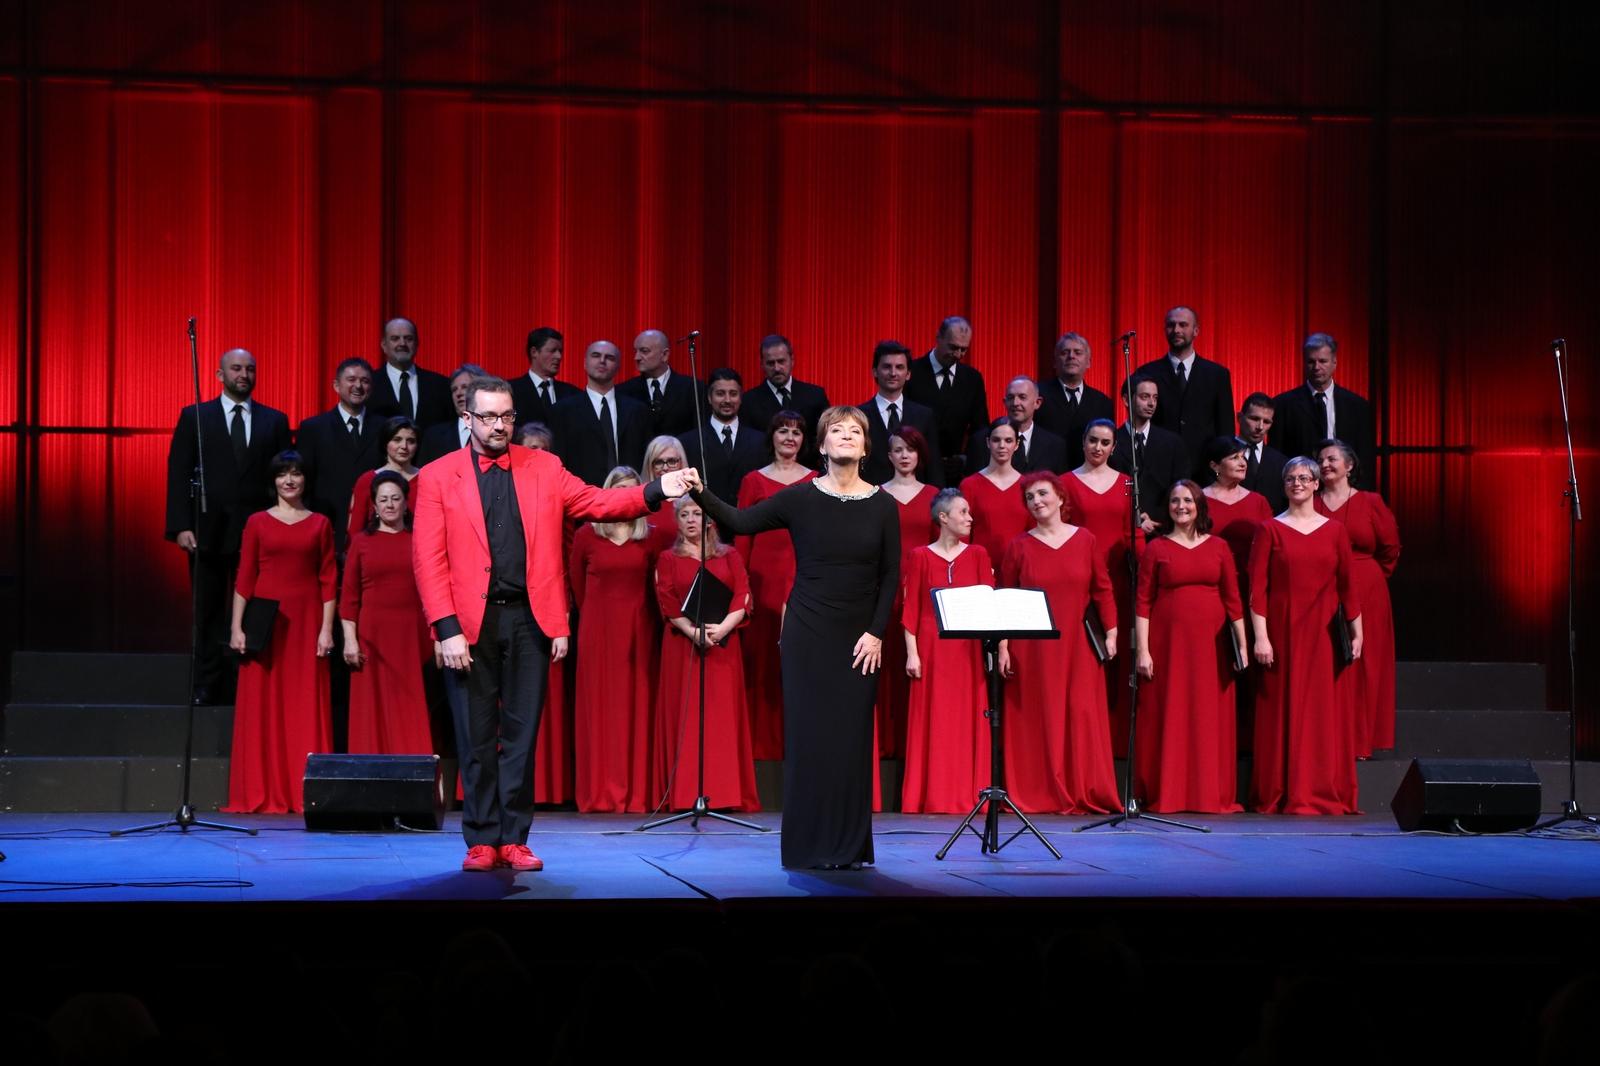 Zbor Opere HNK Ivana pl. Zajca, Nicoletta Olivieri, Vladimir Babin (2)